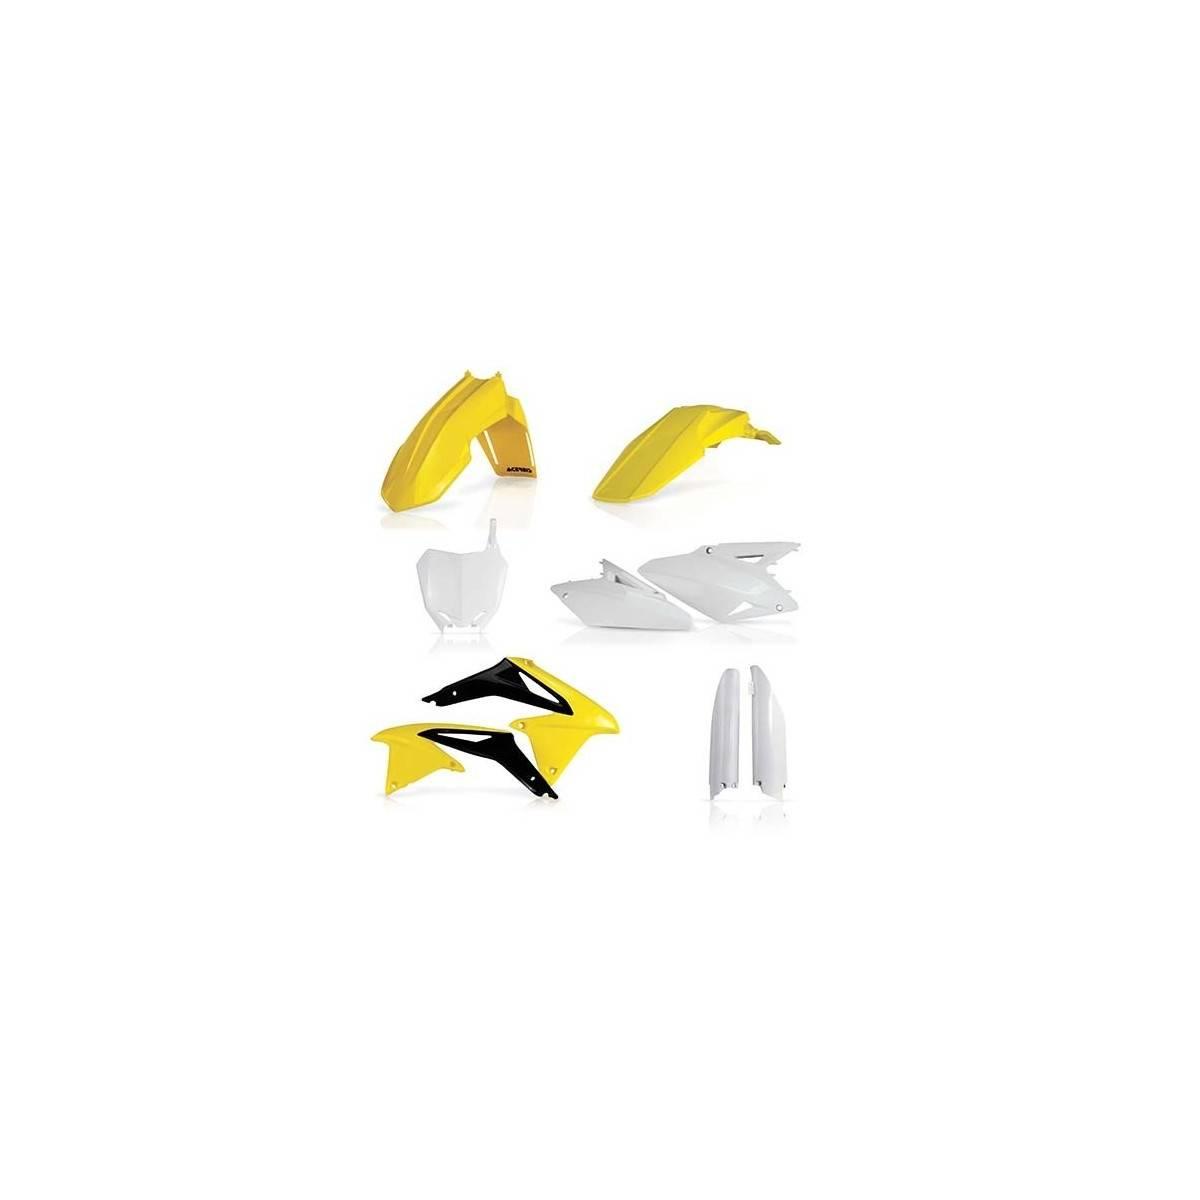 0021831-061 - Full Kit Plasticos Hva 16 18 Tc125 250 16 18 Fc250 350 450 16 18 Amarillo Fluor